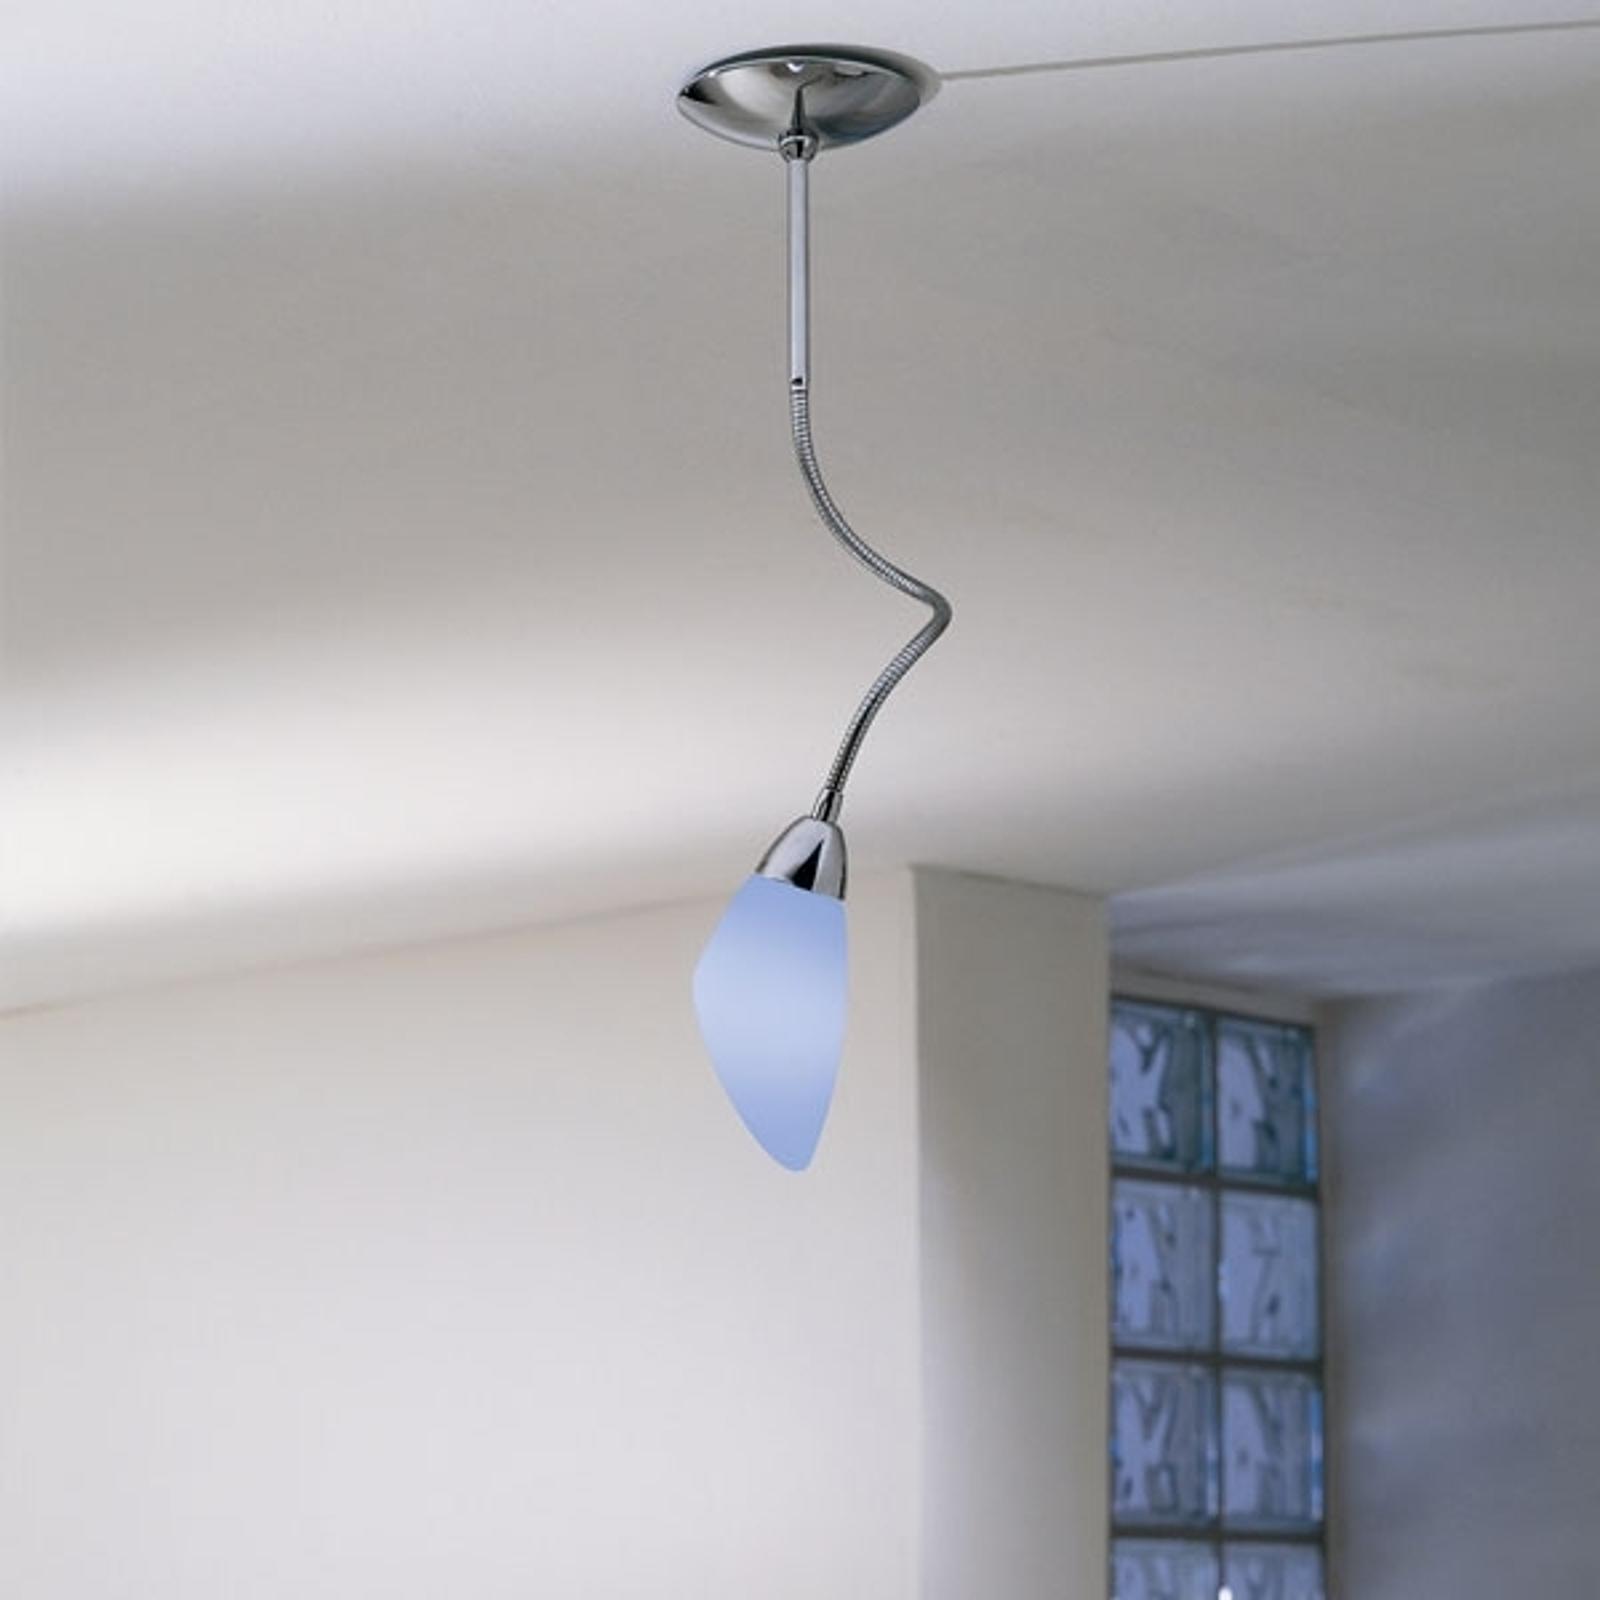 de Majo Poli Po-loftlampe chrome med 1 lyskilde